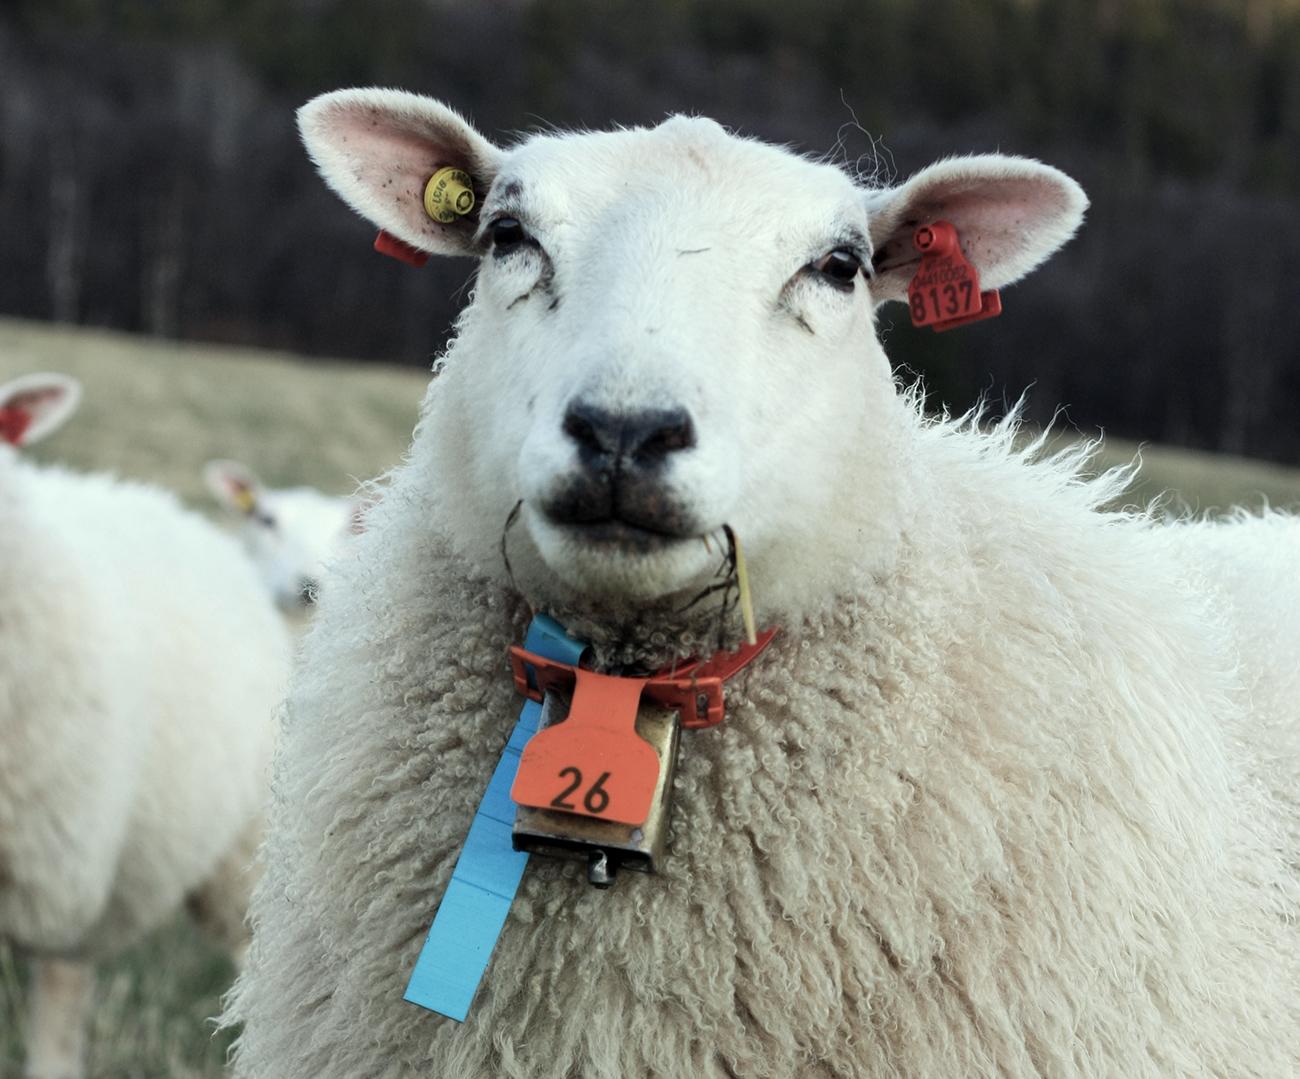 Foto: Sau på beite med KVIKK slips, FOKUS merkeplate, OS-bjølle og KVIKK klave